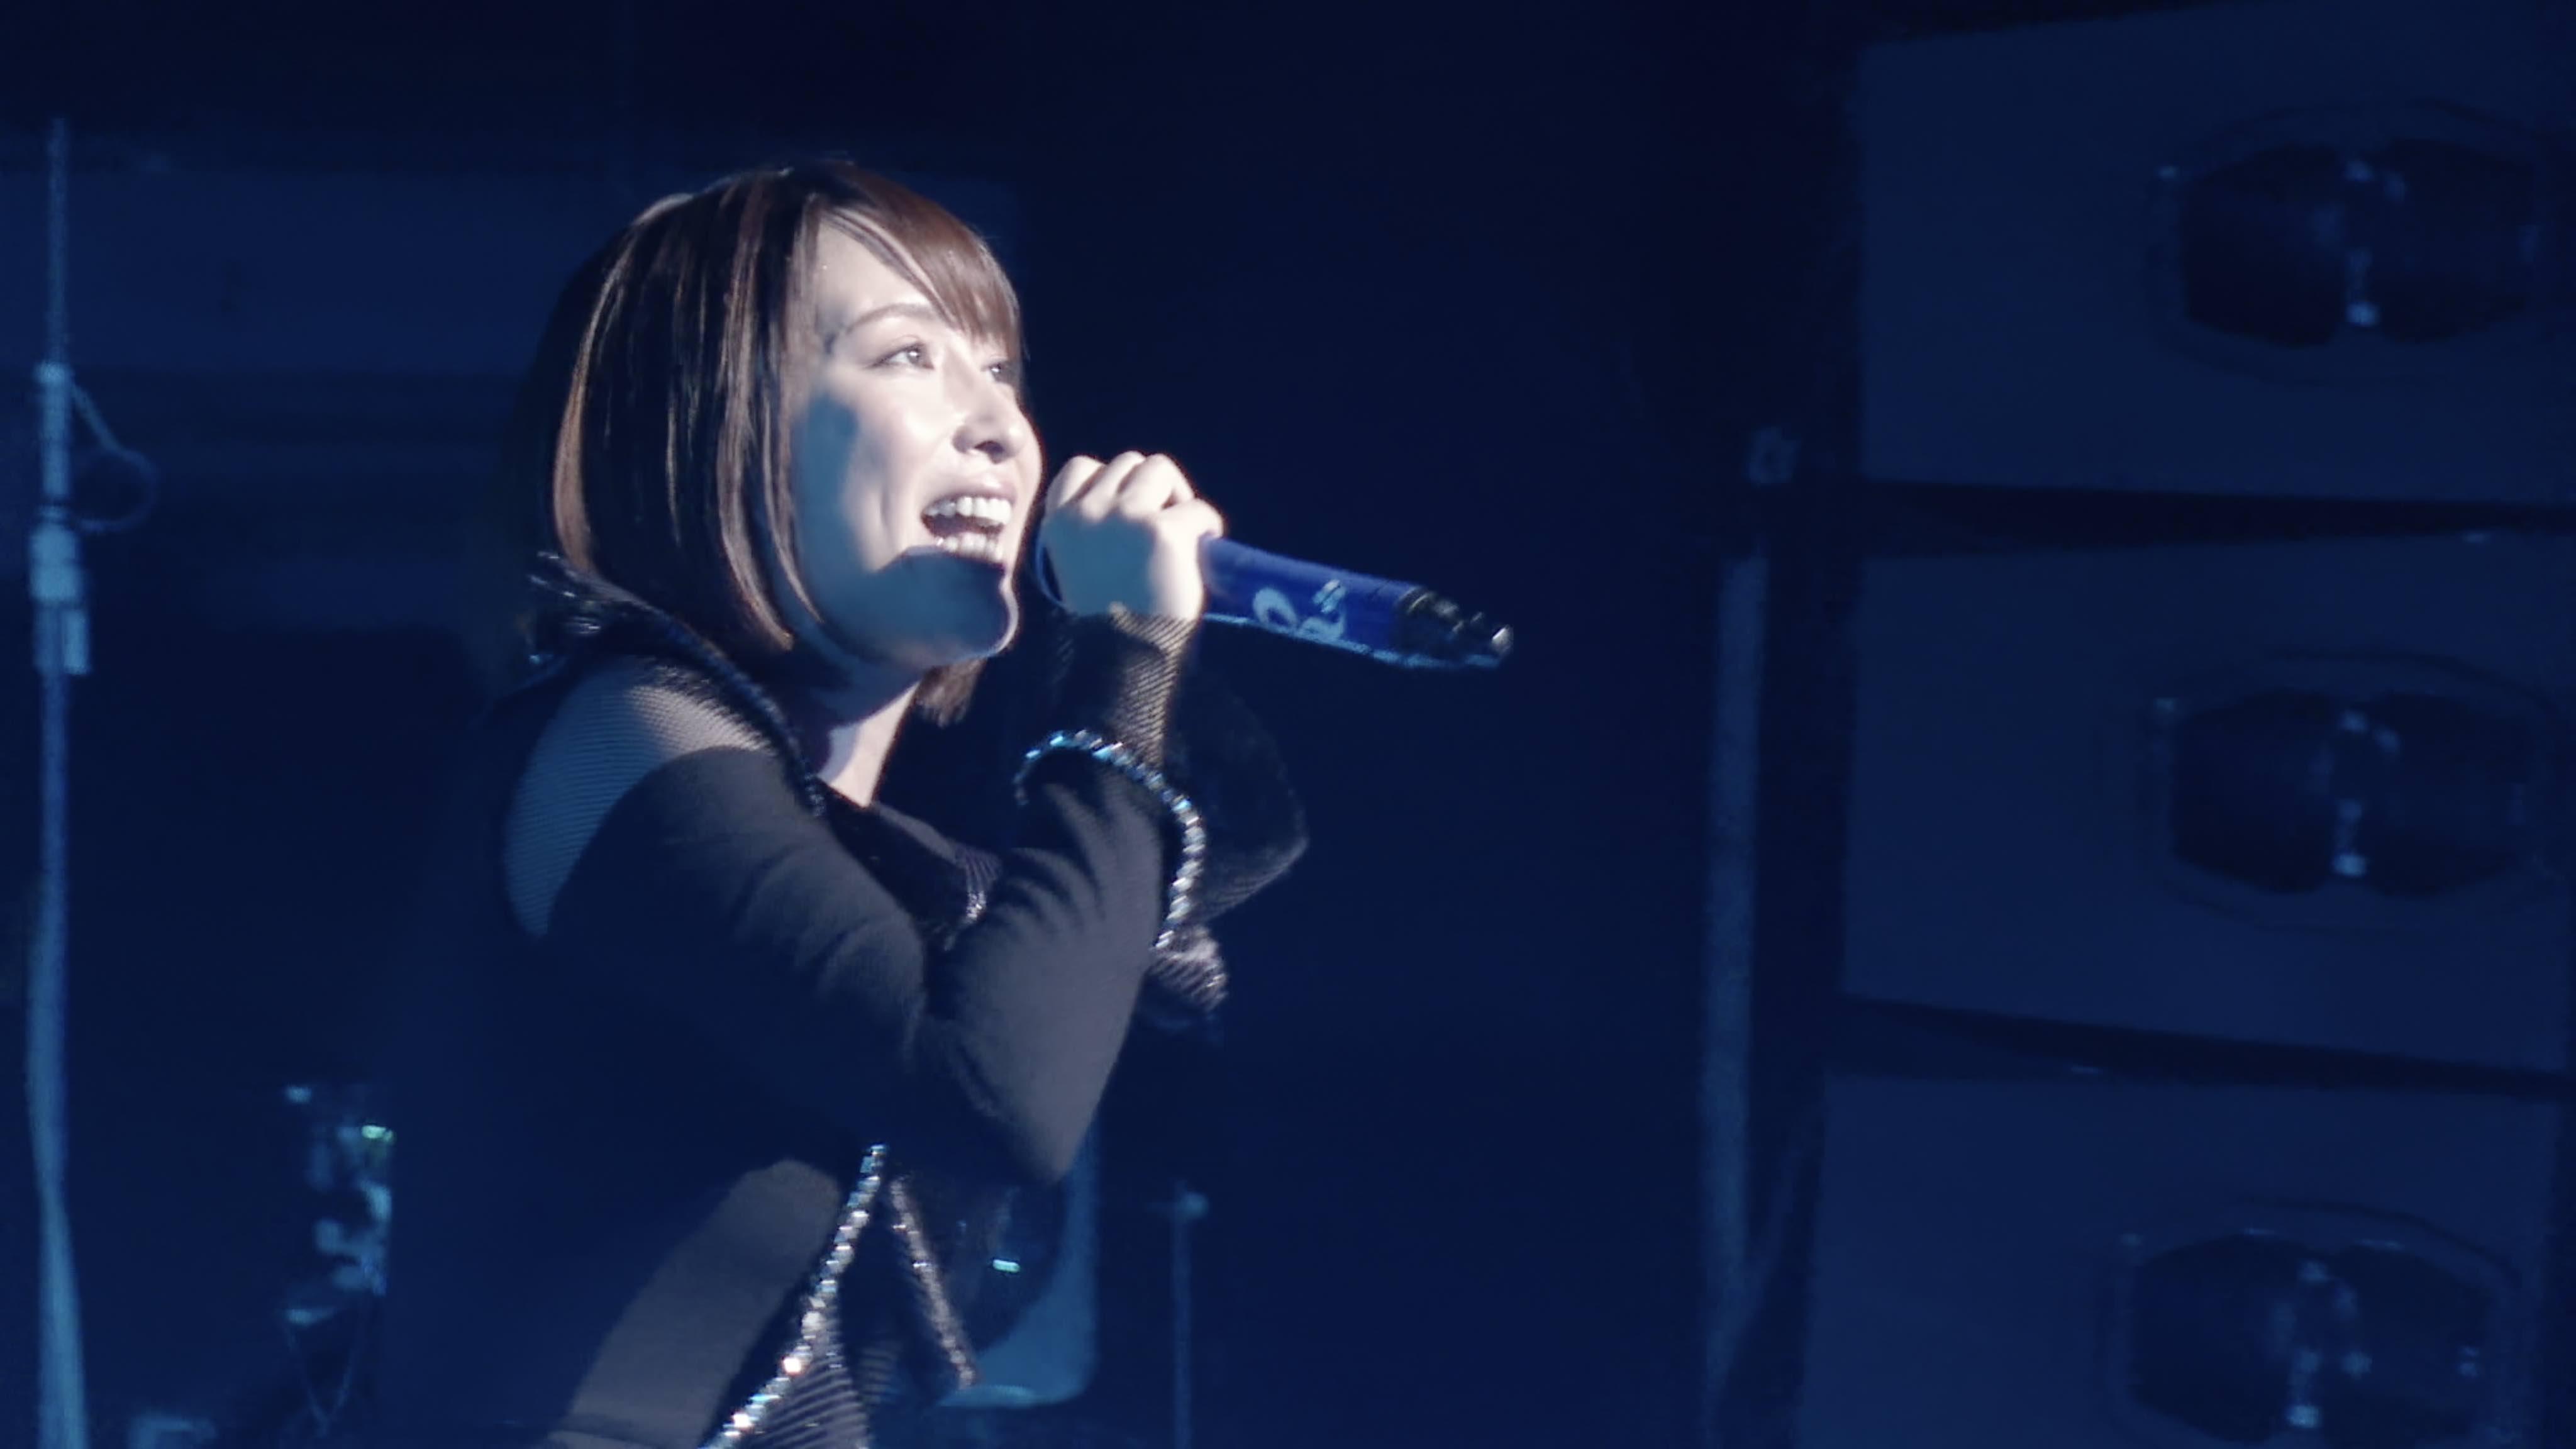 """藍井エイル-藍井エイル_LIVE TOUR 2019 """"Fragment oF"""""""